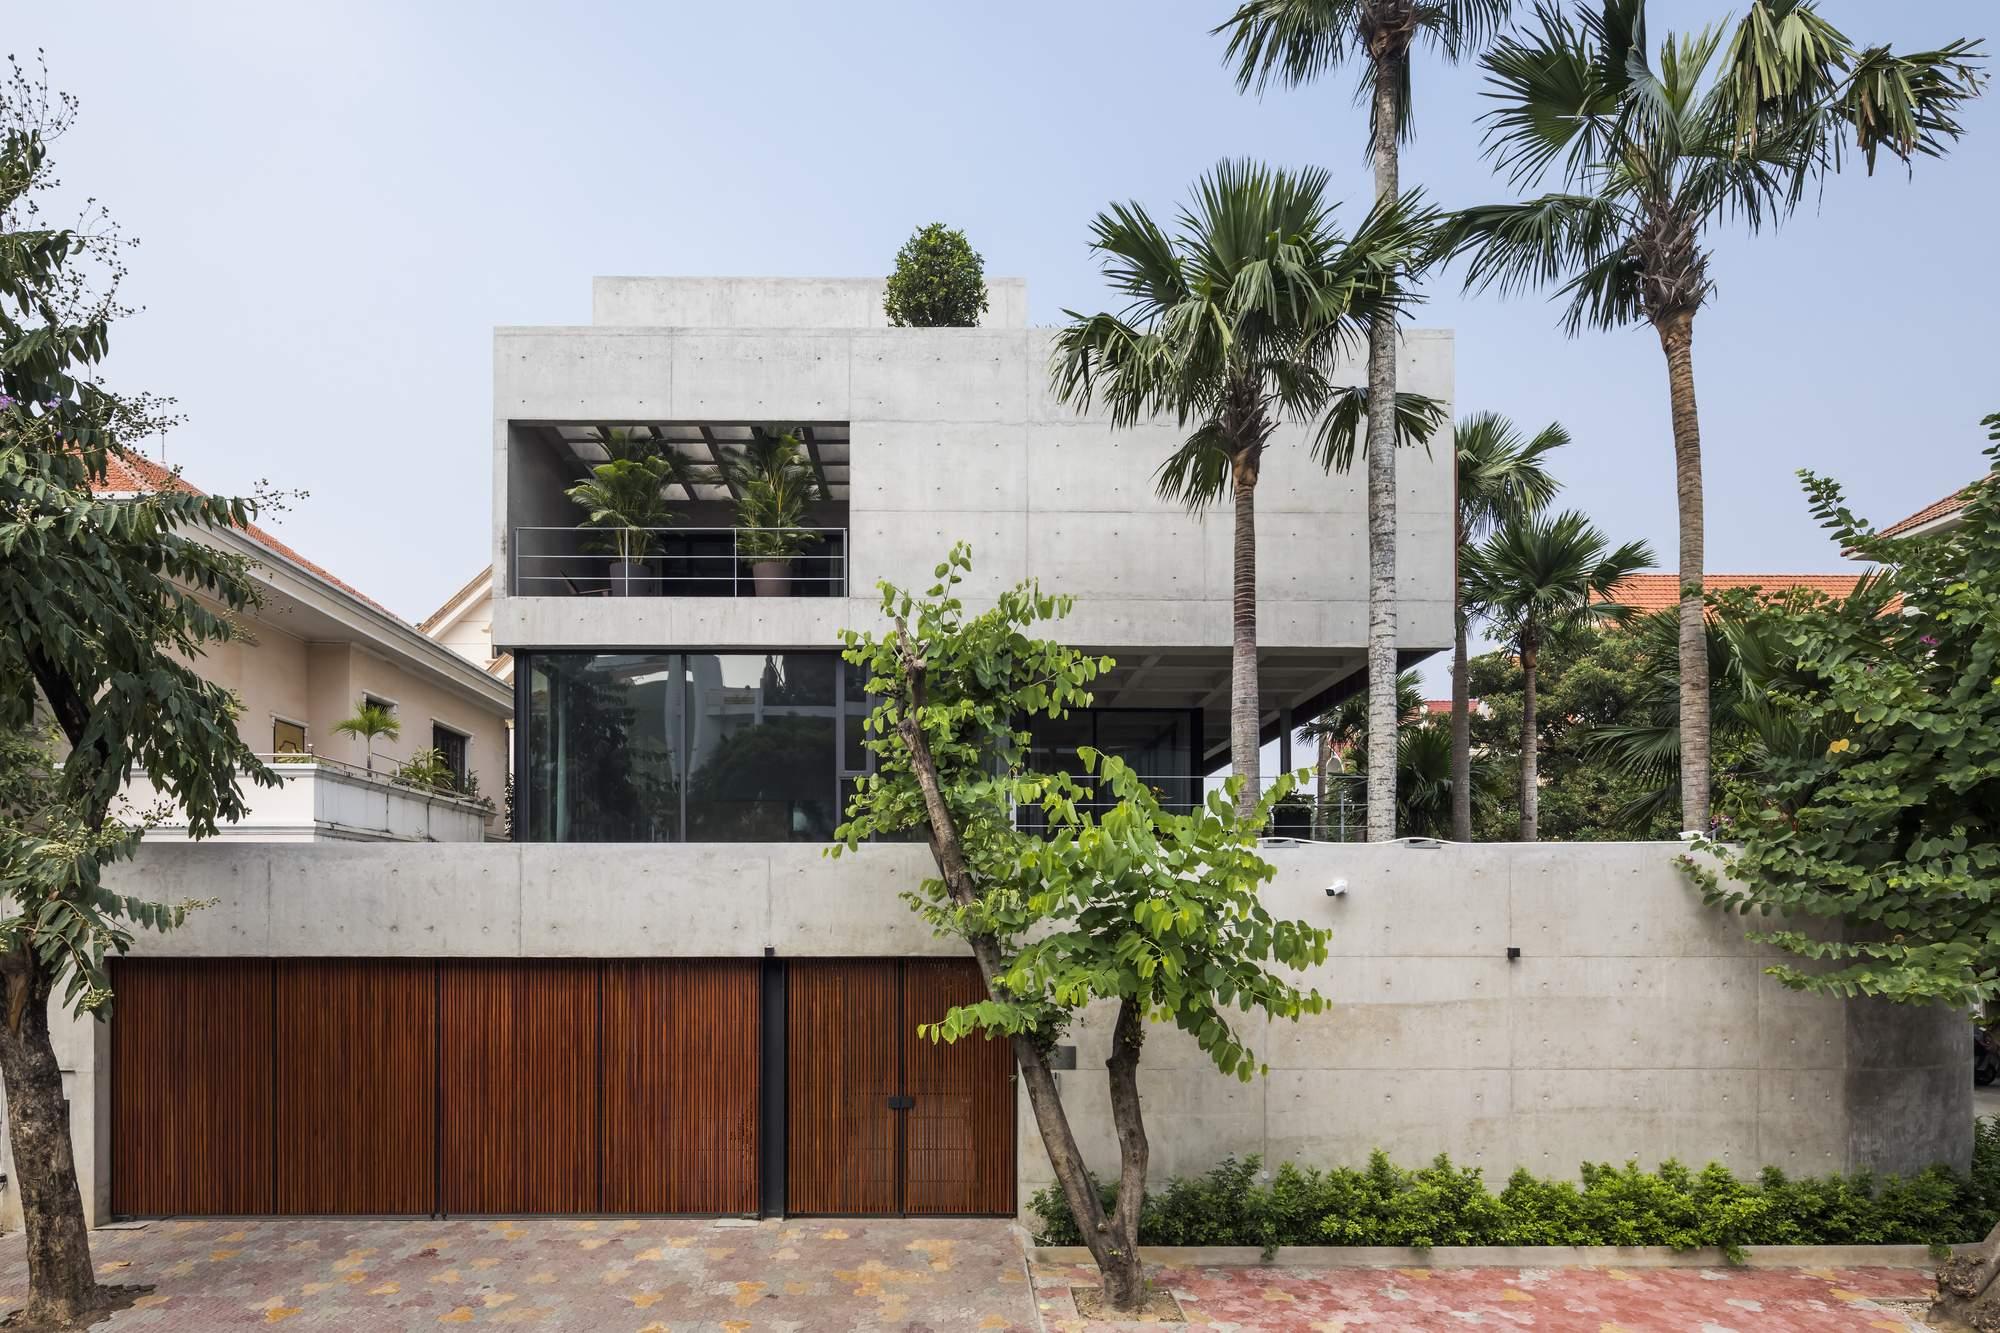 Дом-бункер с грубой бетонной конструкцией, Вьетнам